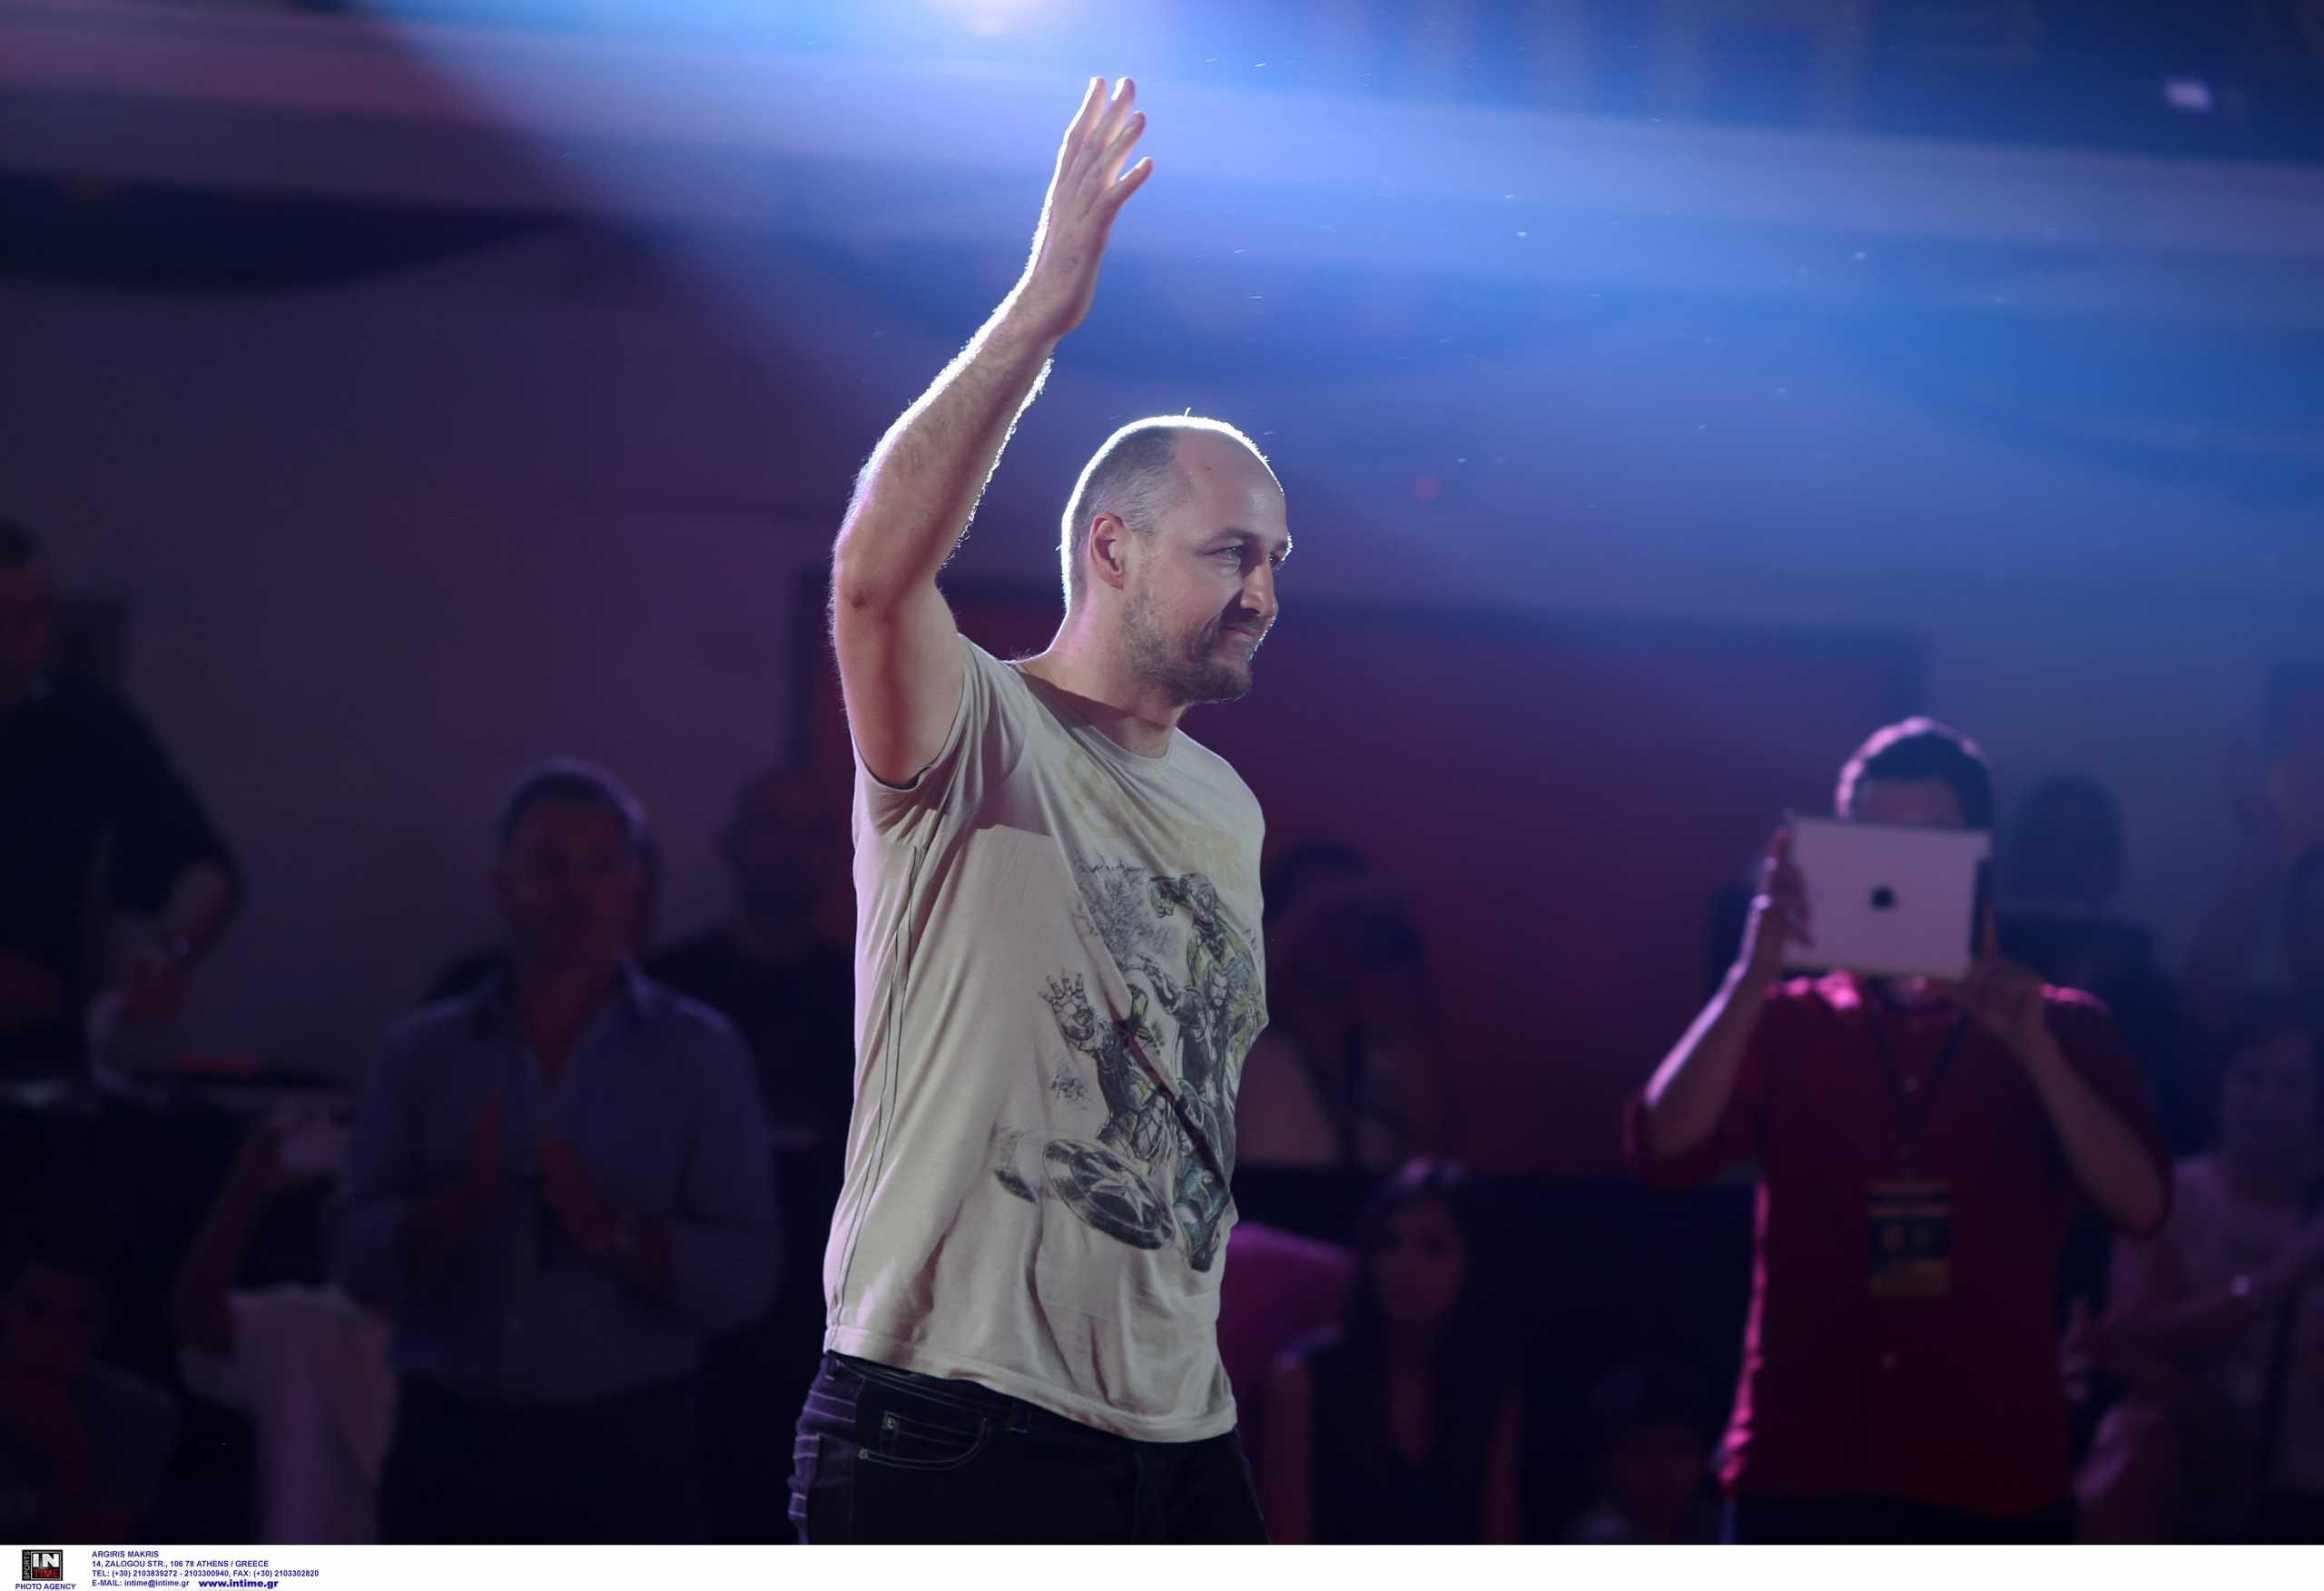 Ράτζα: «Με εμένα έγινε νικητής ο Παναθηναϊκός – Θυμίζει Μποντίρογκα ο Ντόνσιτς» (video)